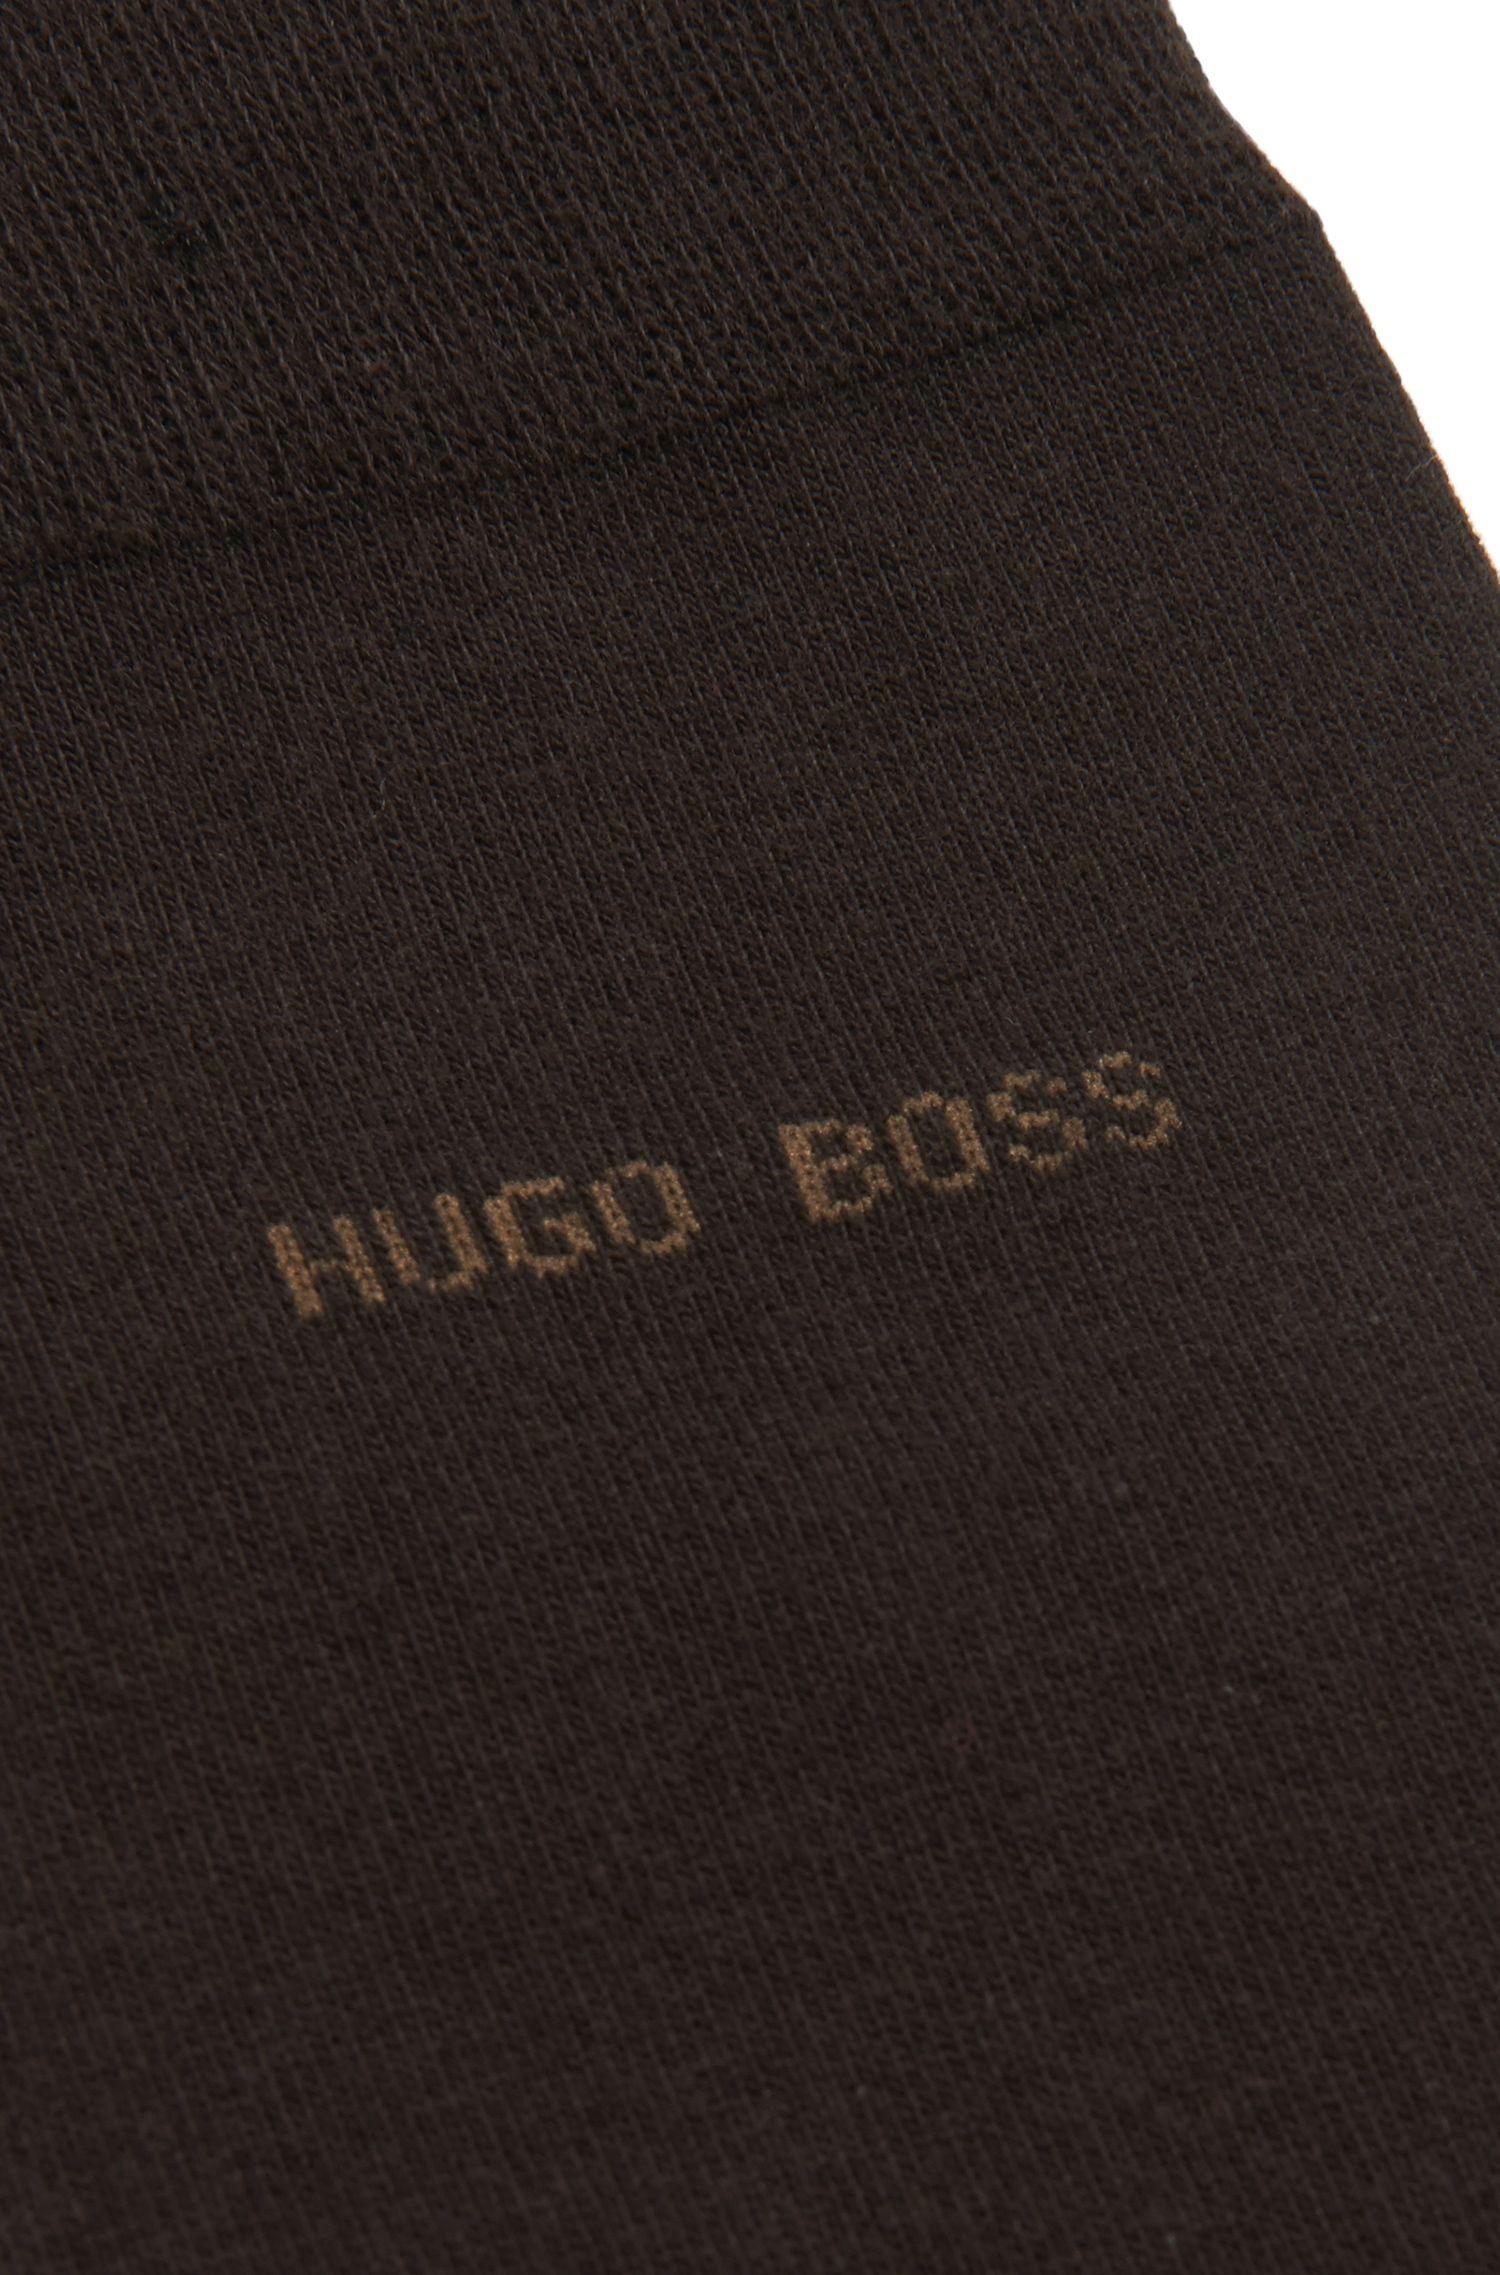 Calcetines de algodón elástico con punteras remalladas a mano, Marrón oscuro